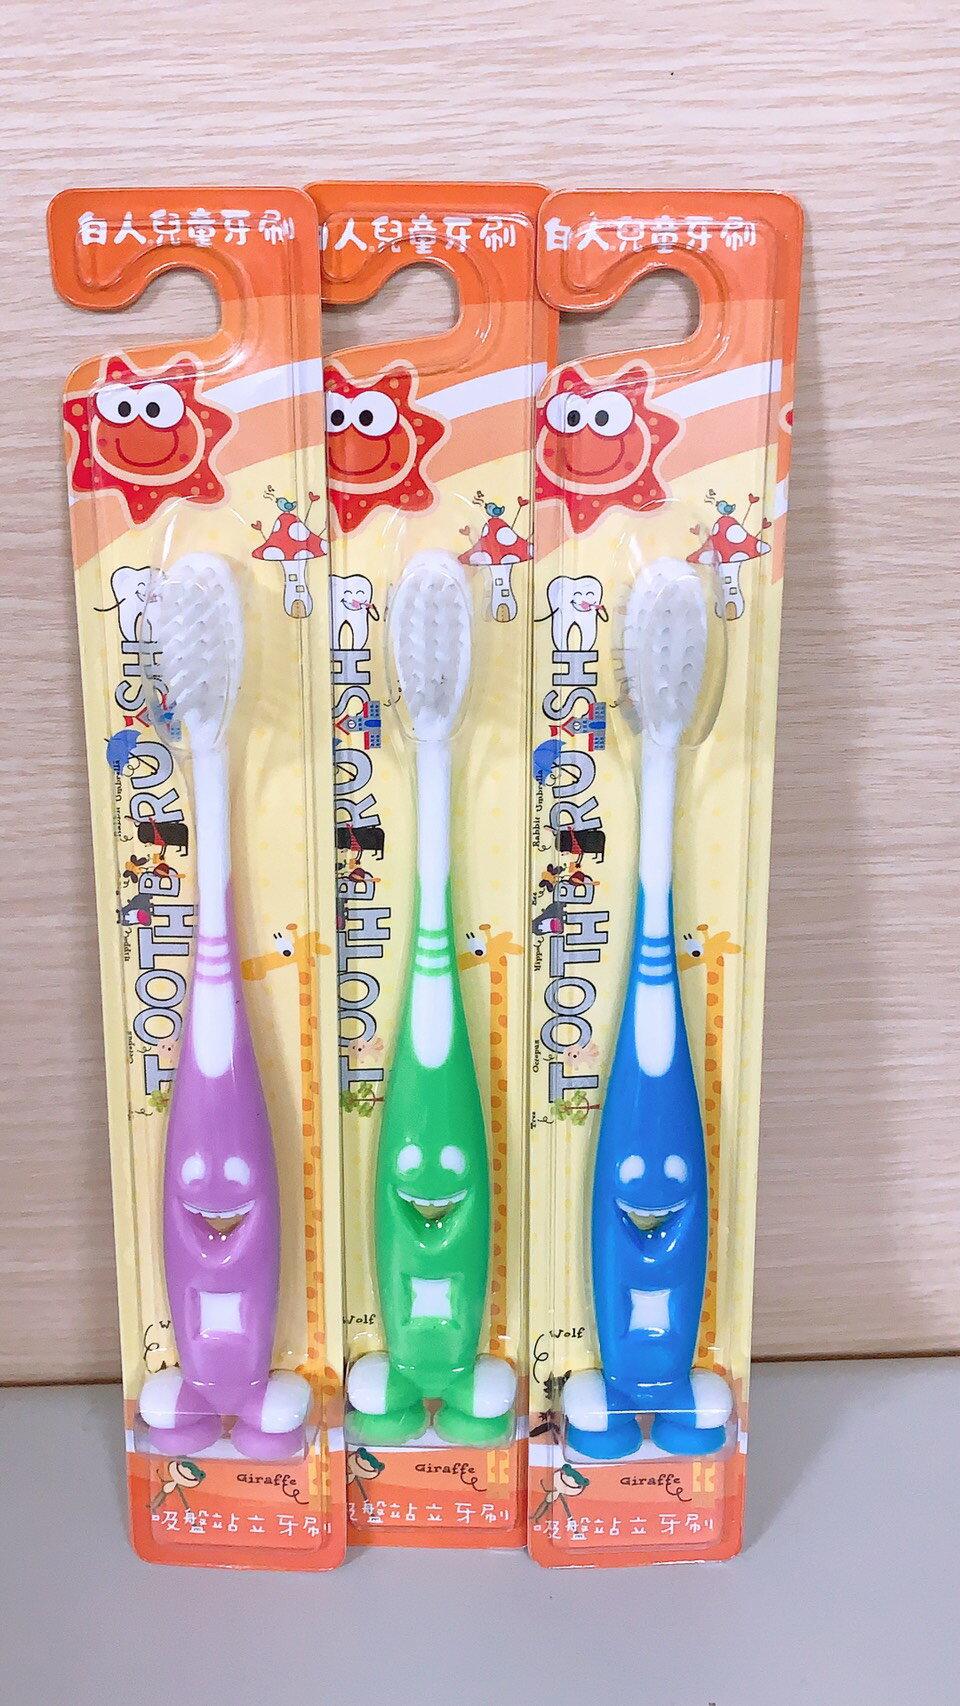 特賣 黑人 高露潔 牙膏 牙刷 兒童牙刷 旅行組 任搭 隨機